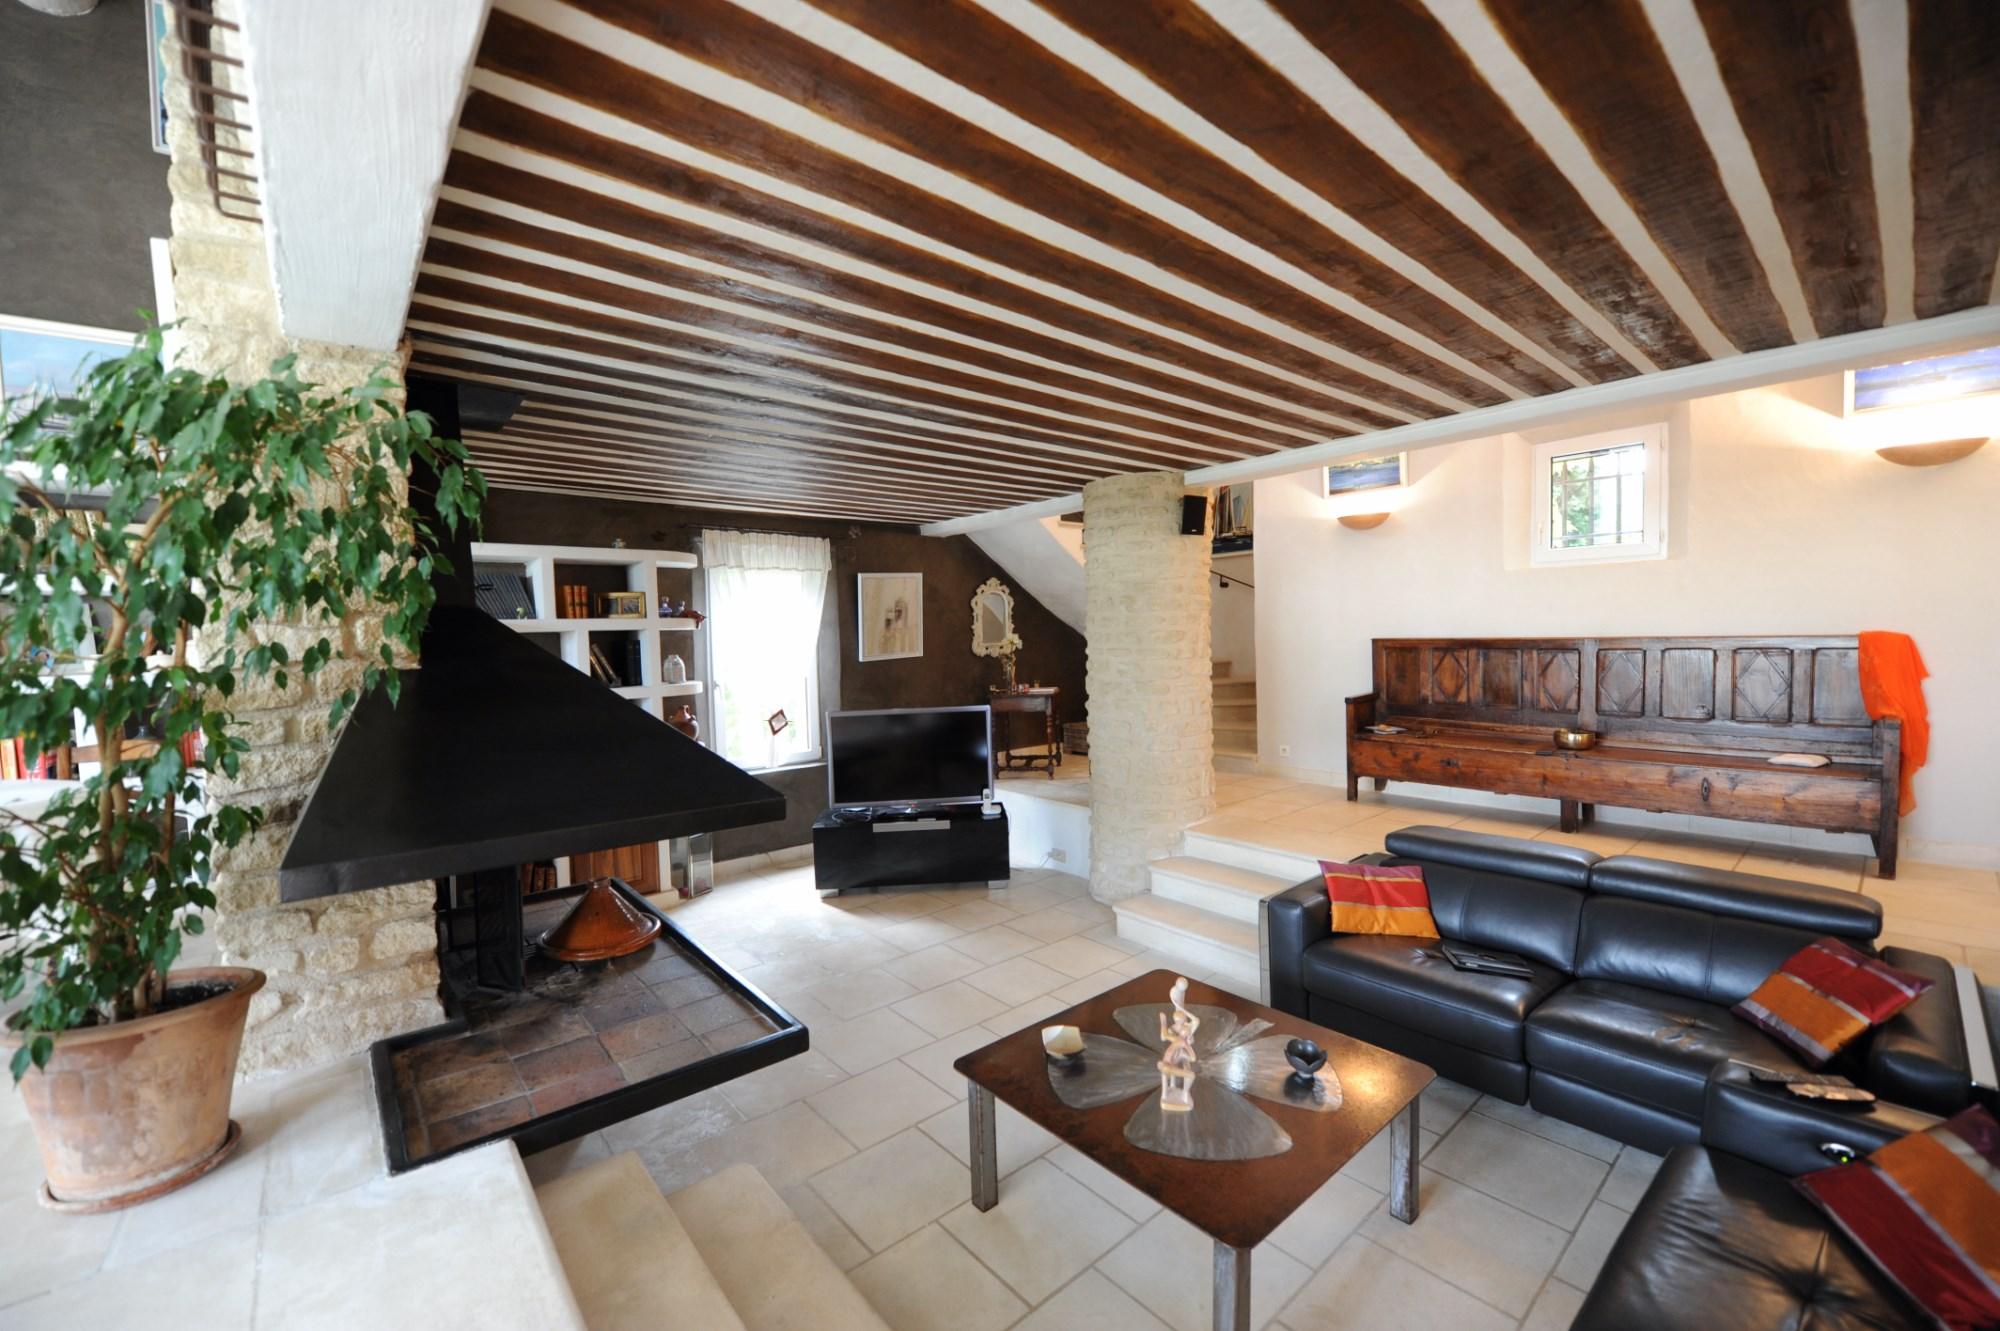 A vendre dans le Luberon Sud, villa avec vue